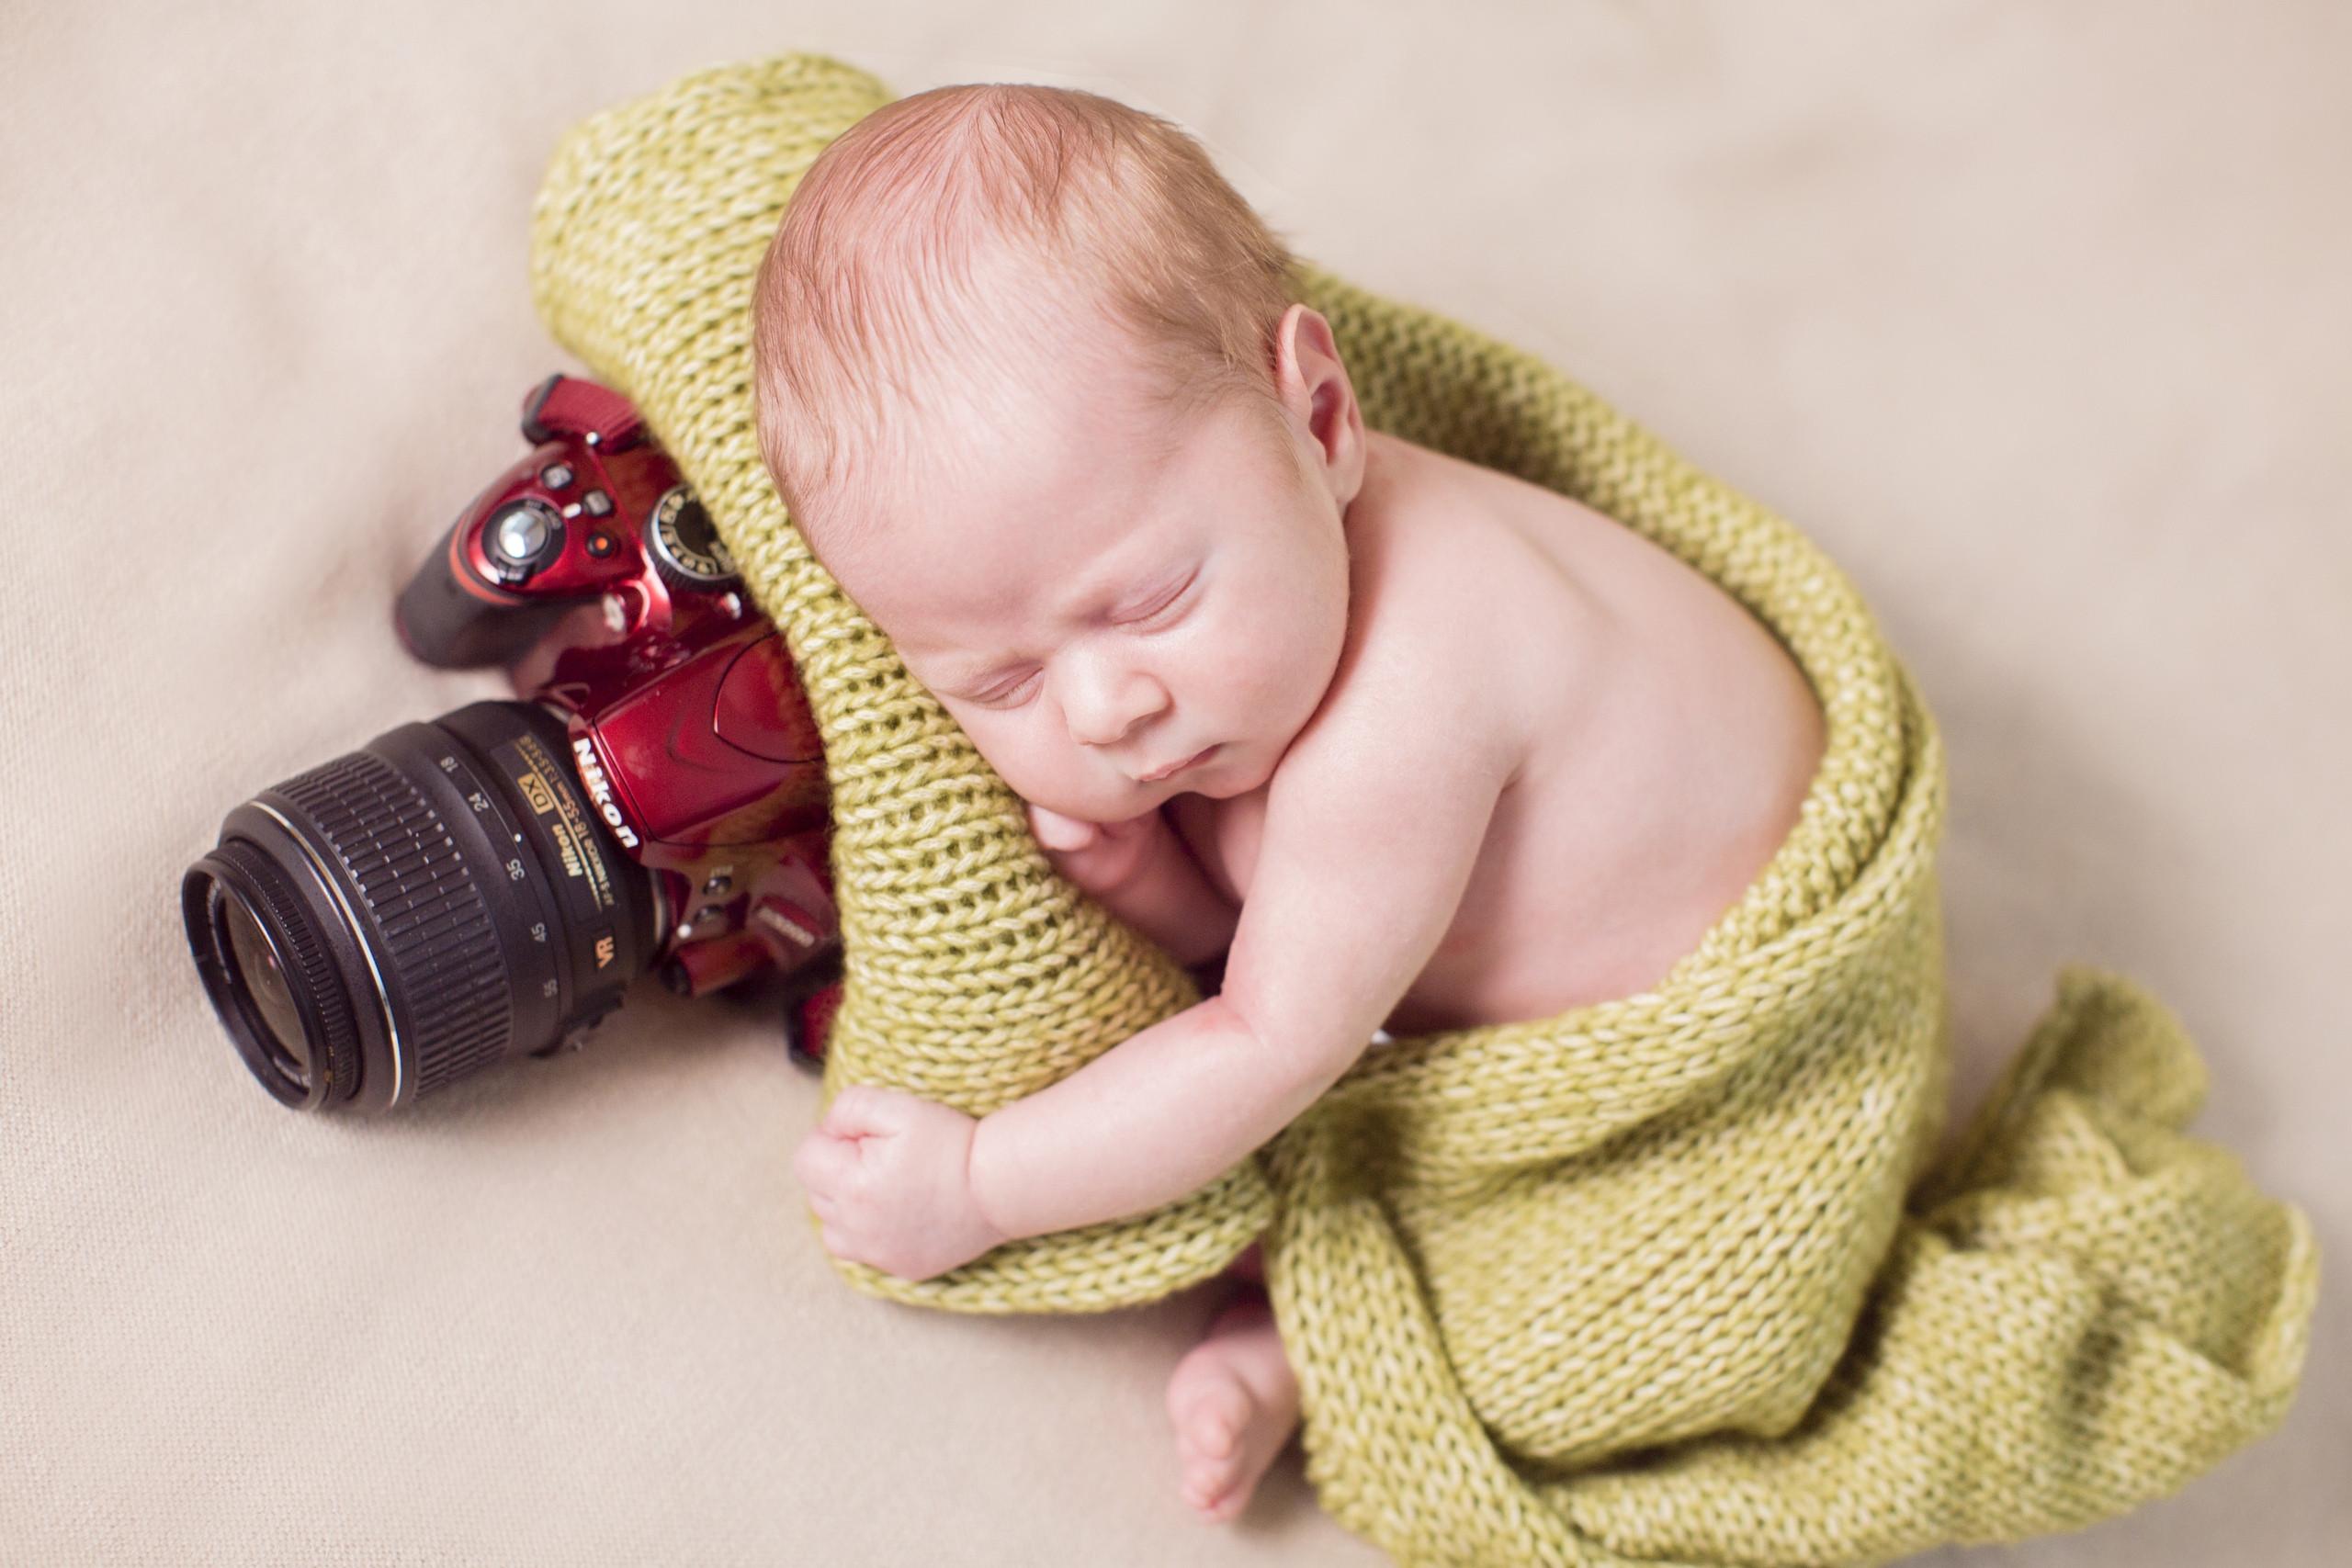 Как фотографировать детей. урок по фотографии